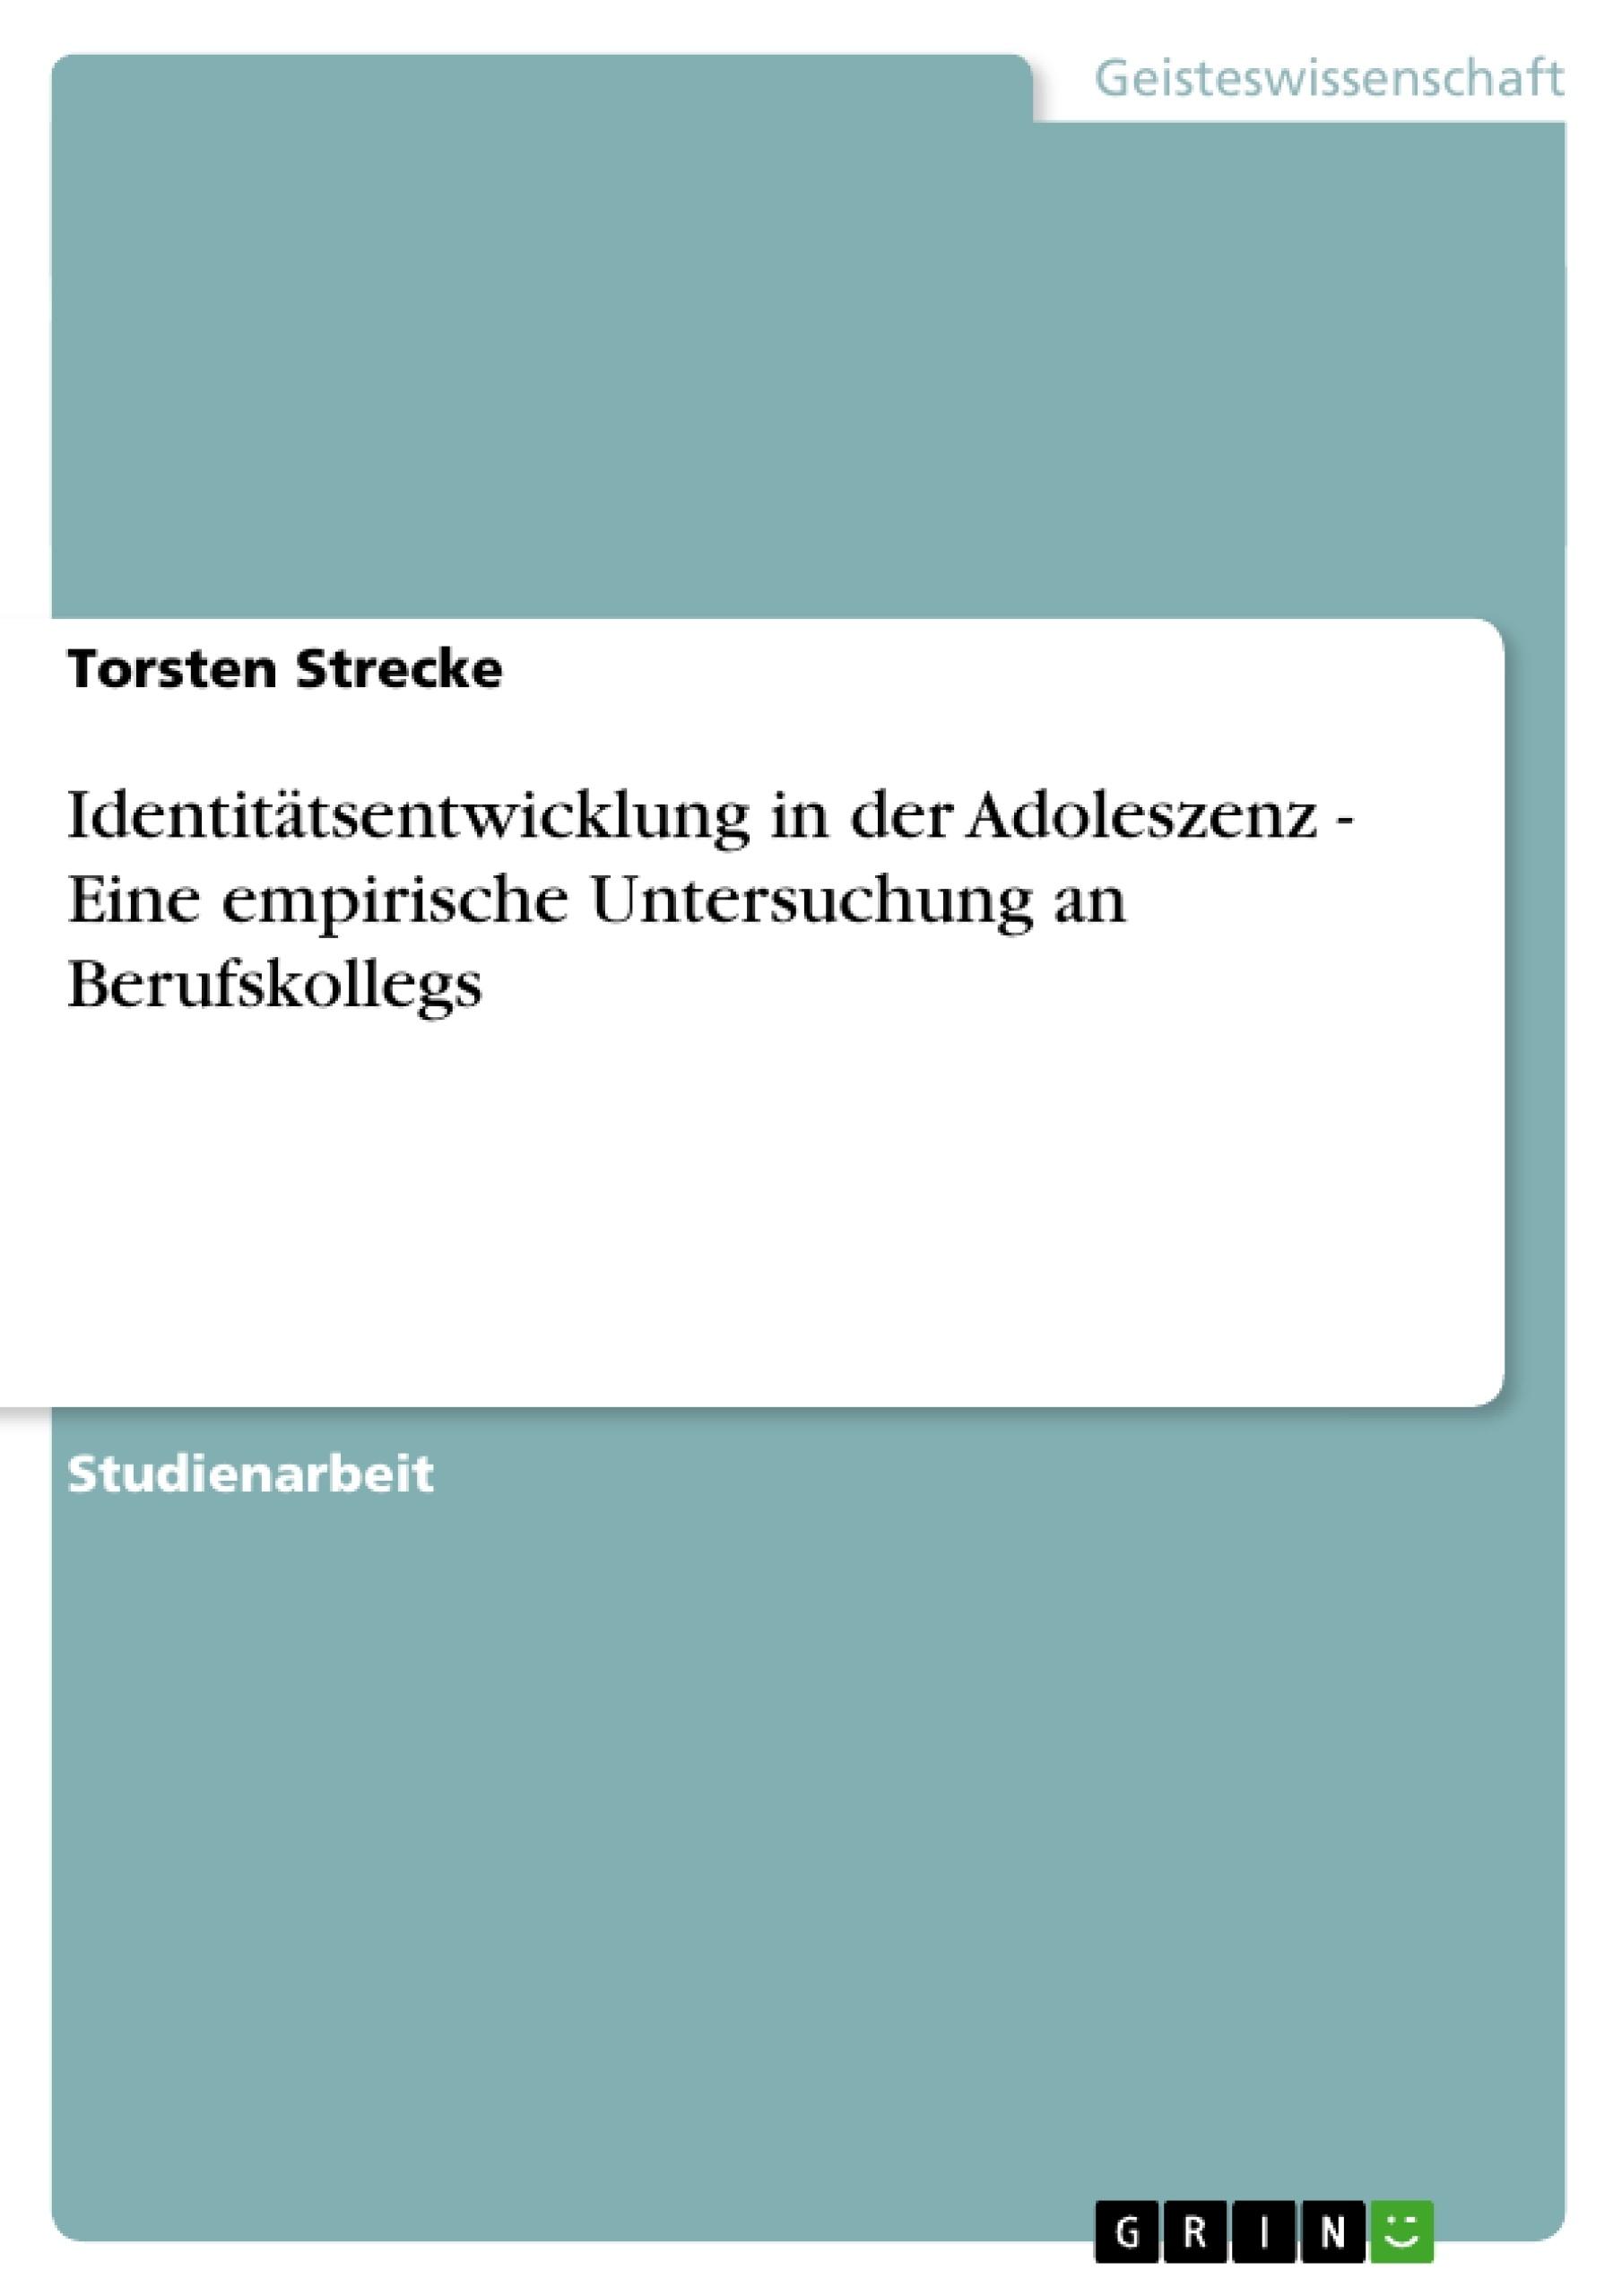 Titel: Identitätsentwicklung in der Adoleszenz - Eine empirische Untersuchung an Berufskollegs